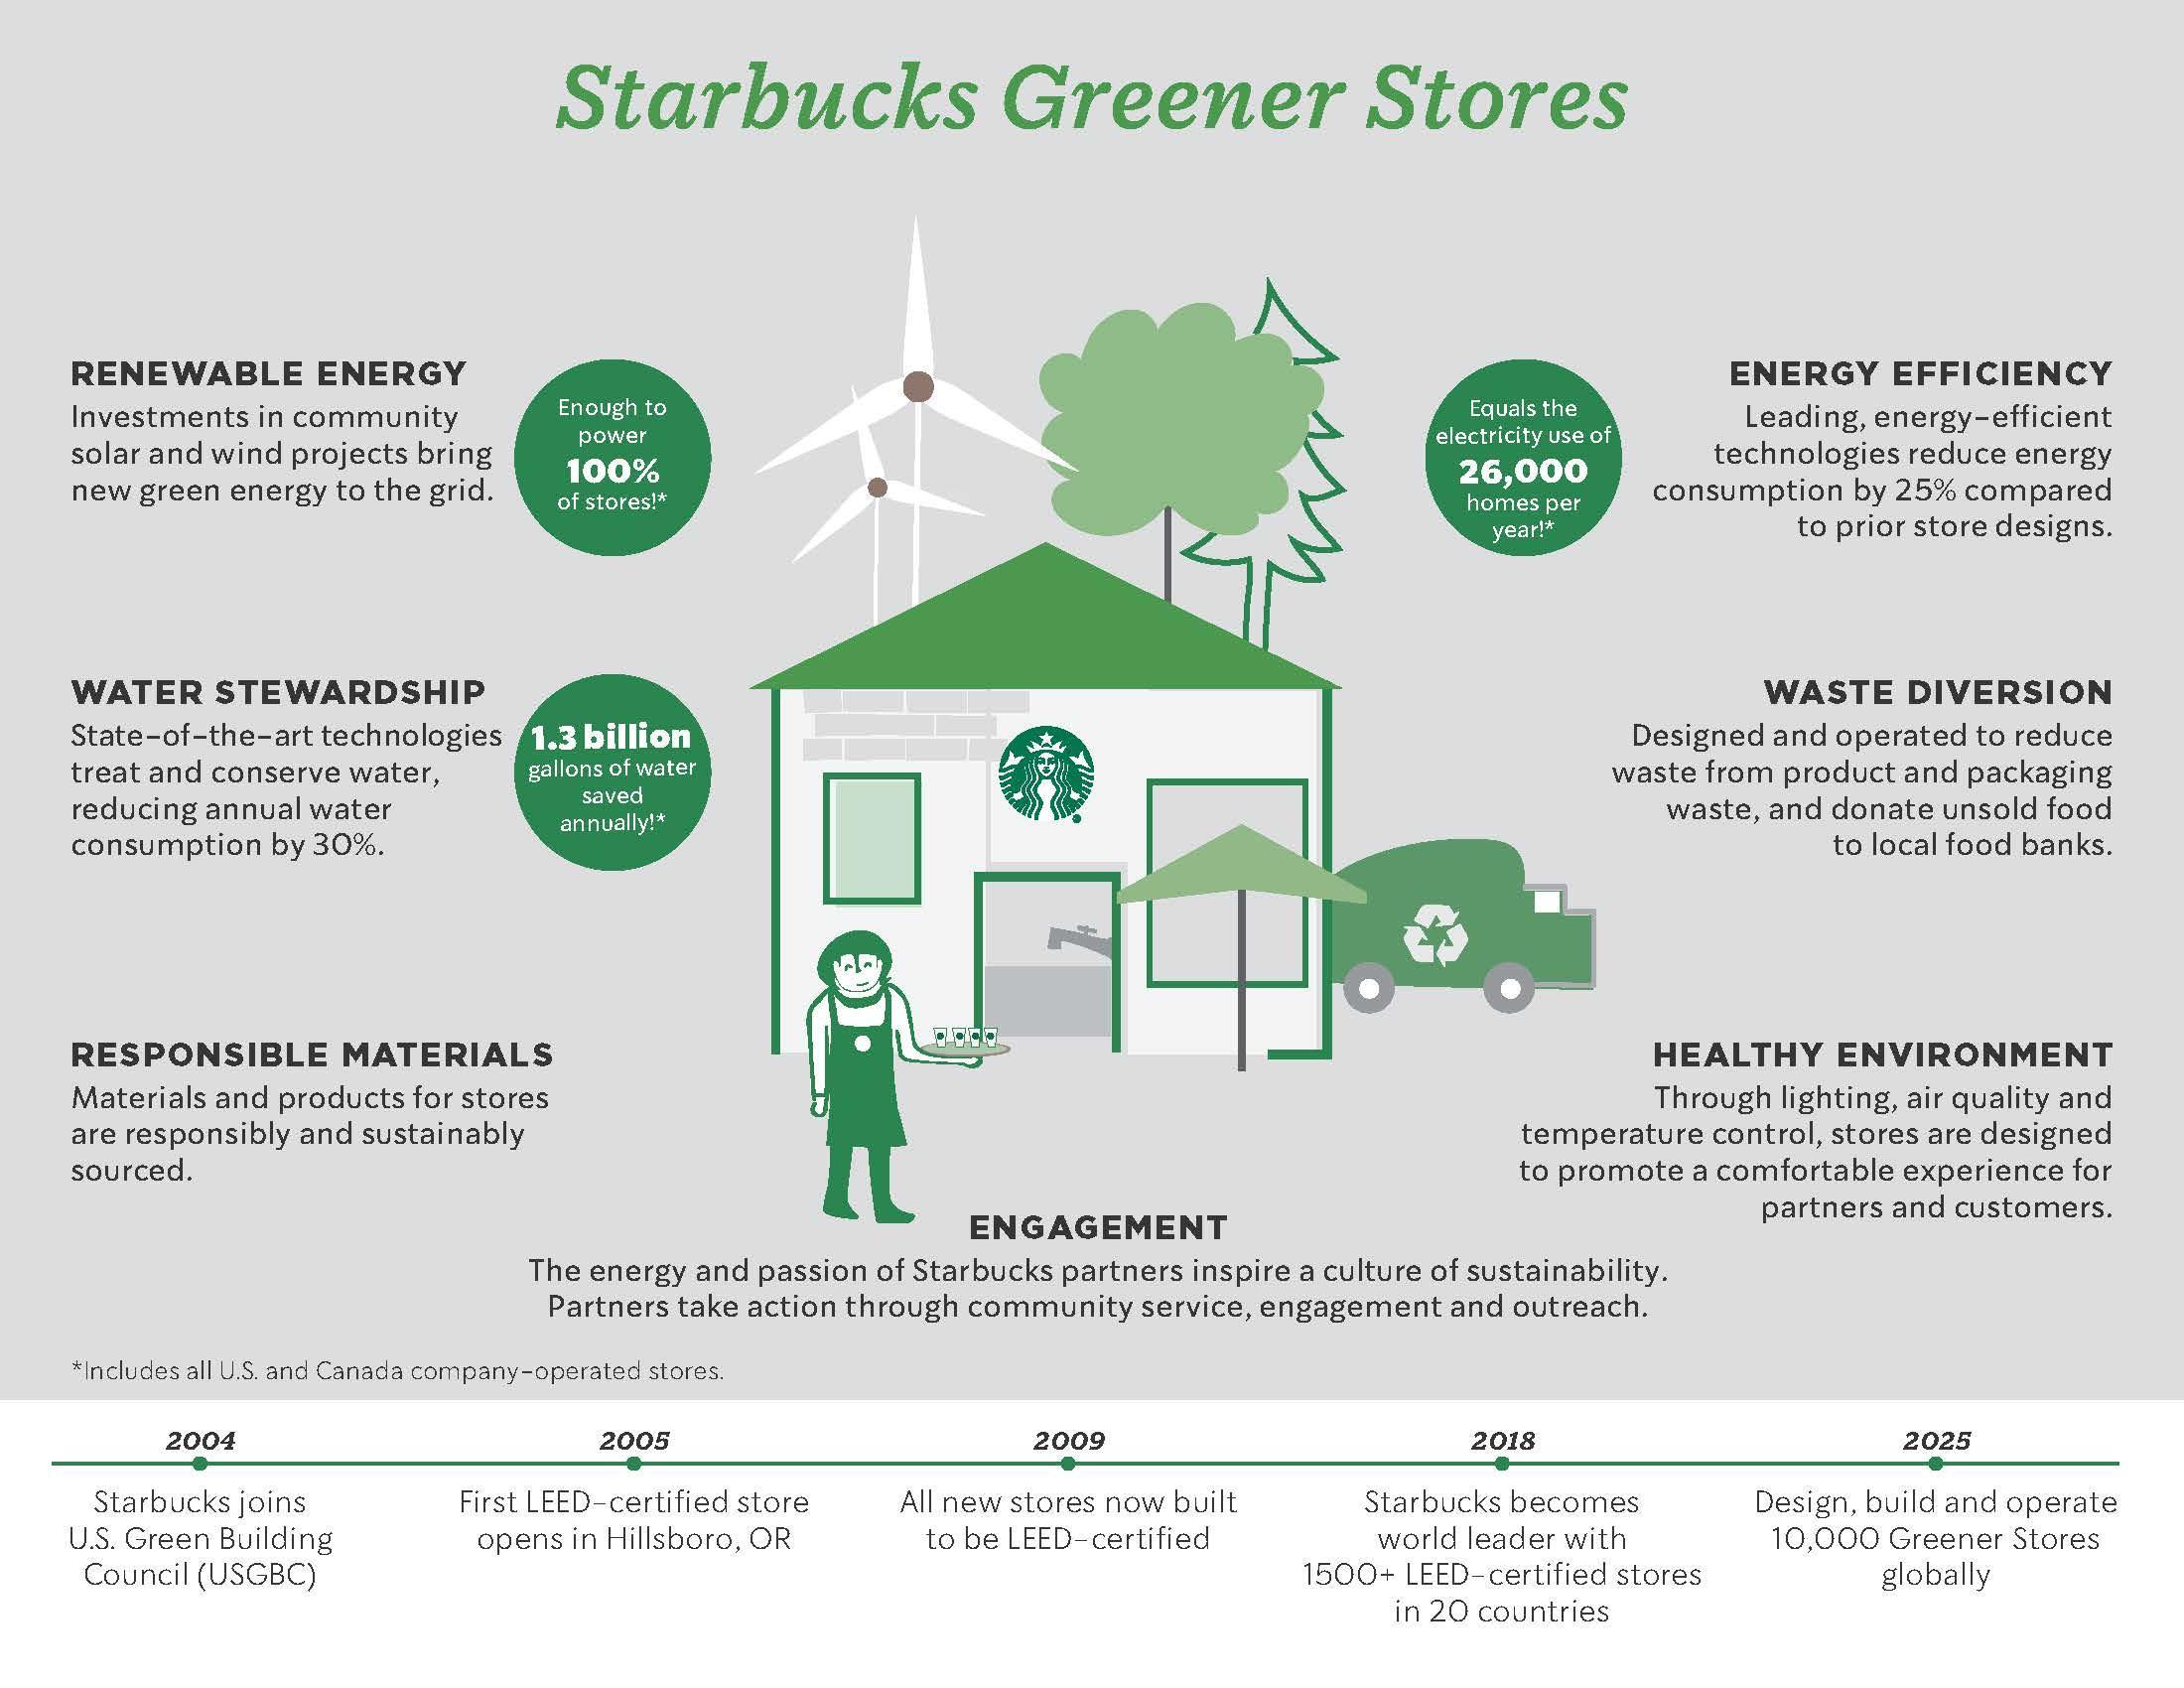 Starbucks_Greener_Stores-1537212339658-1537212341665.jpg